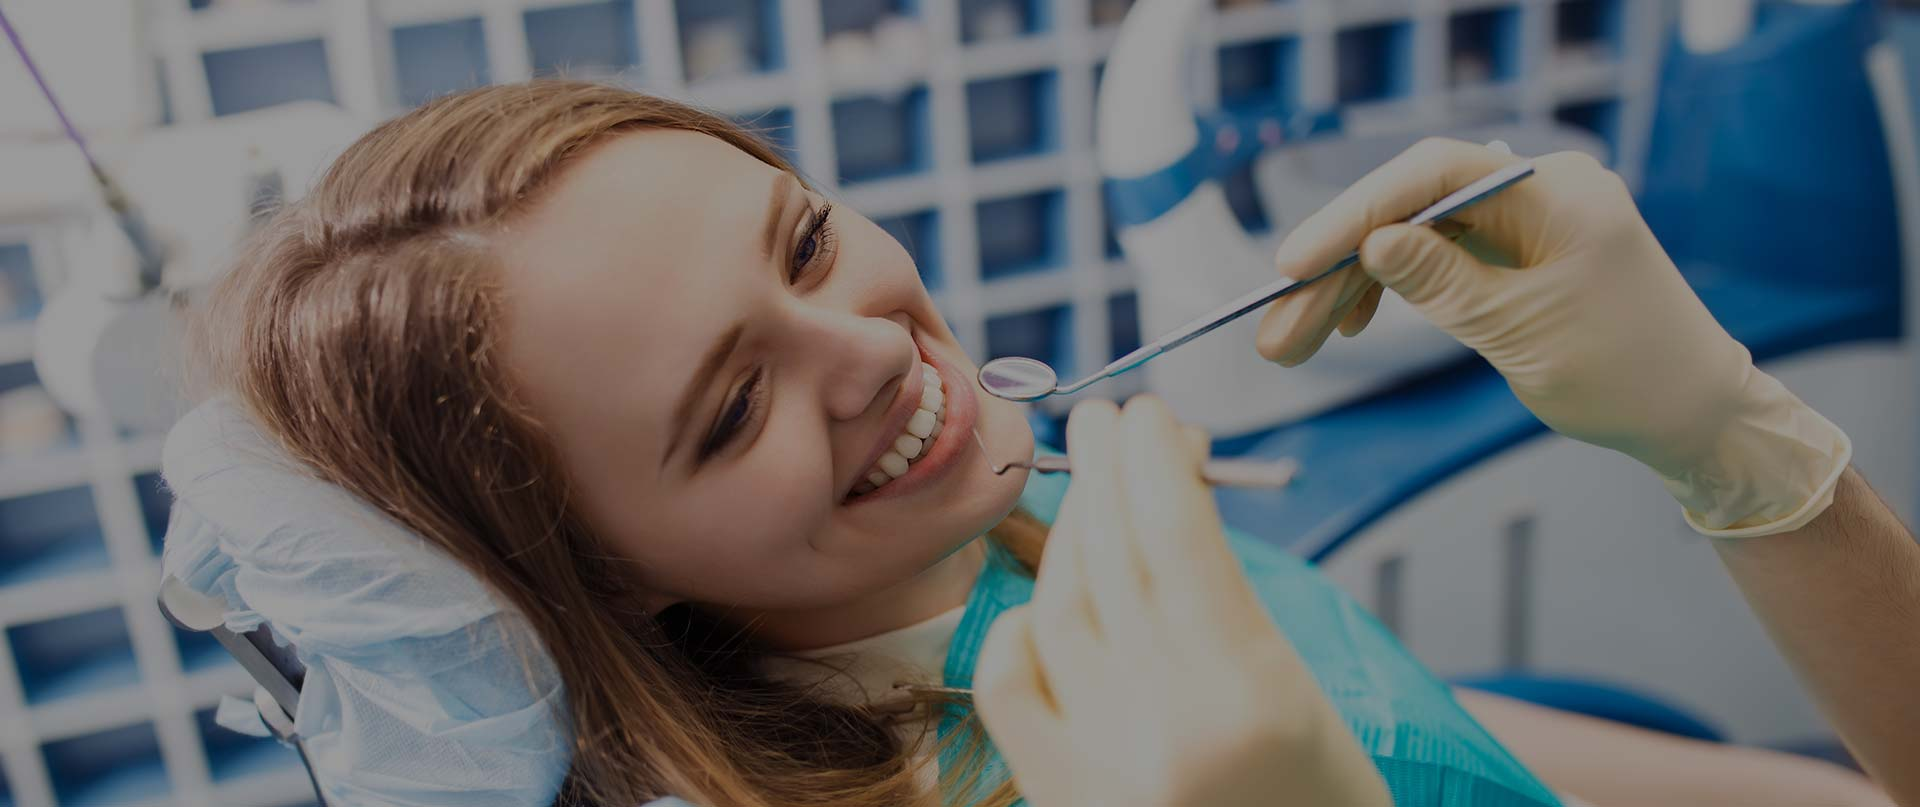 Clínica dental en Hortaleza